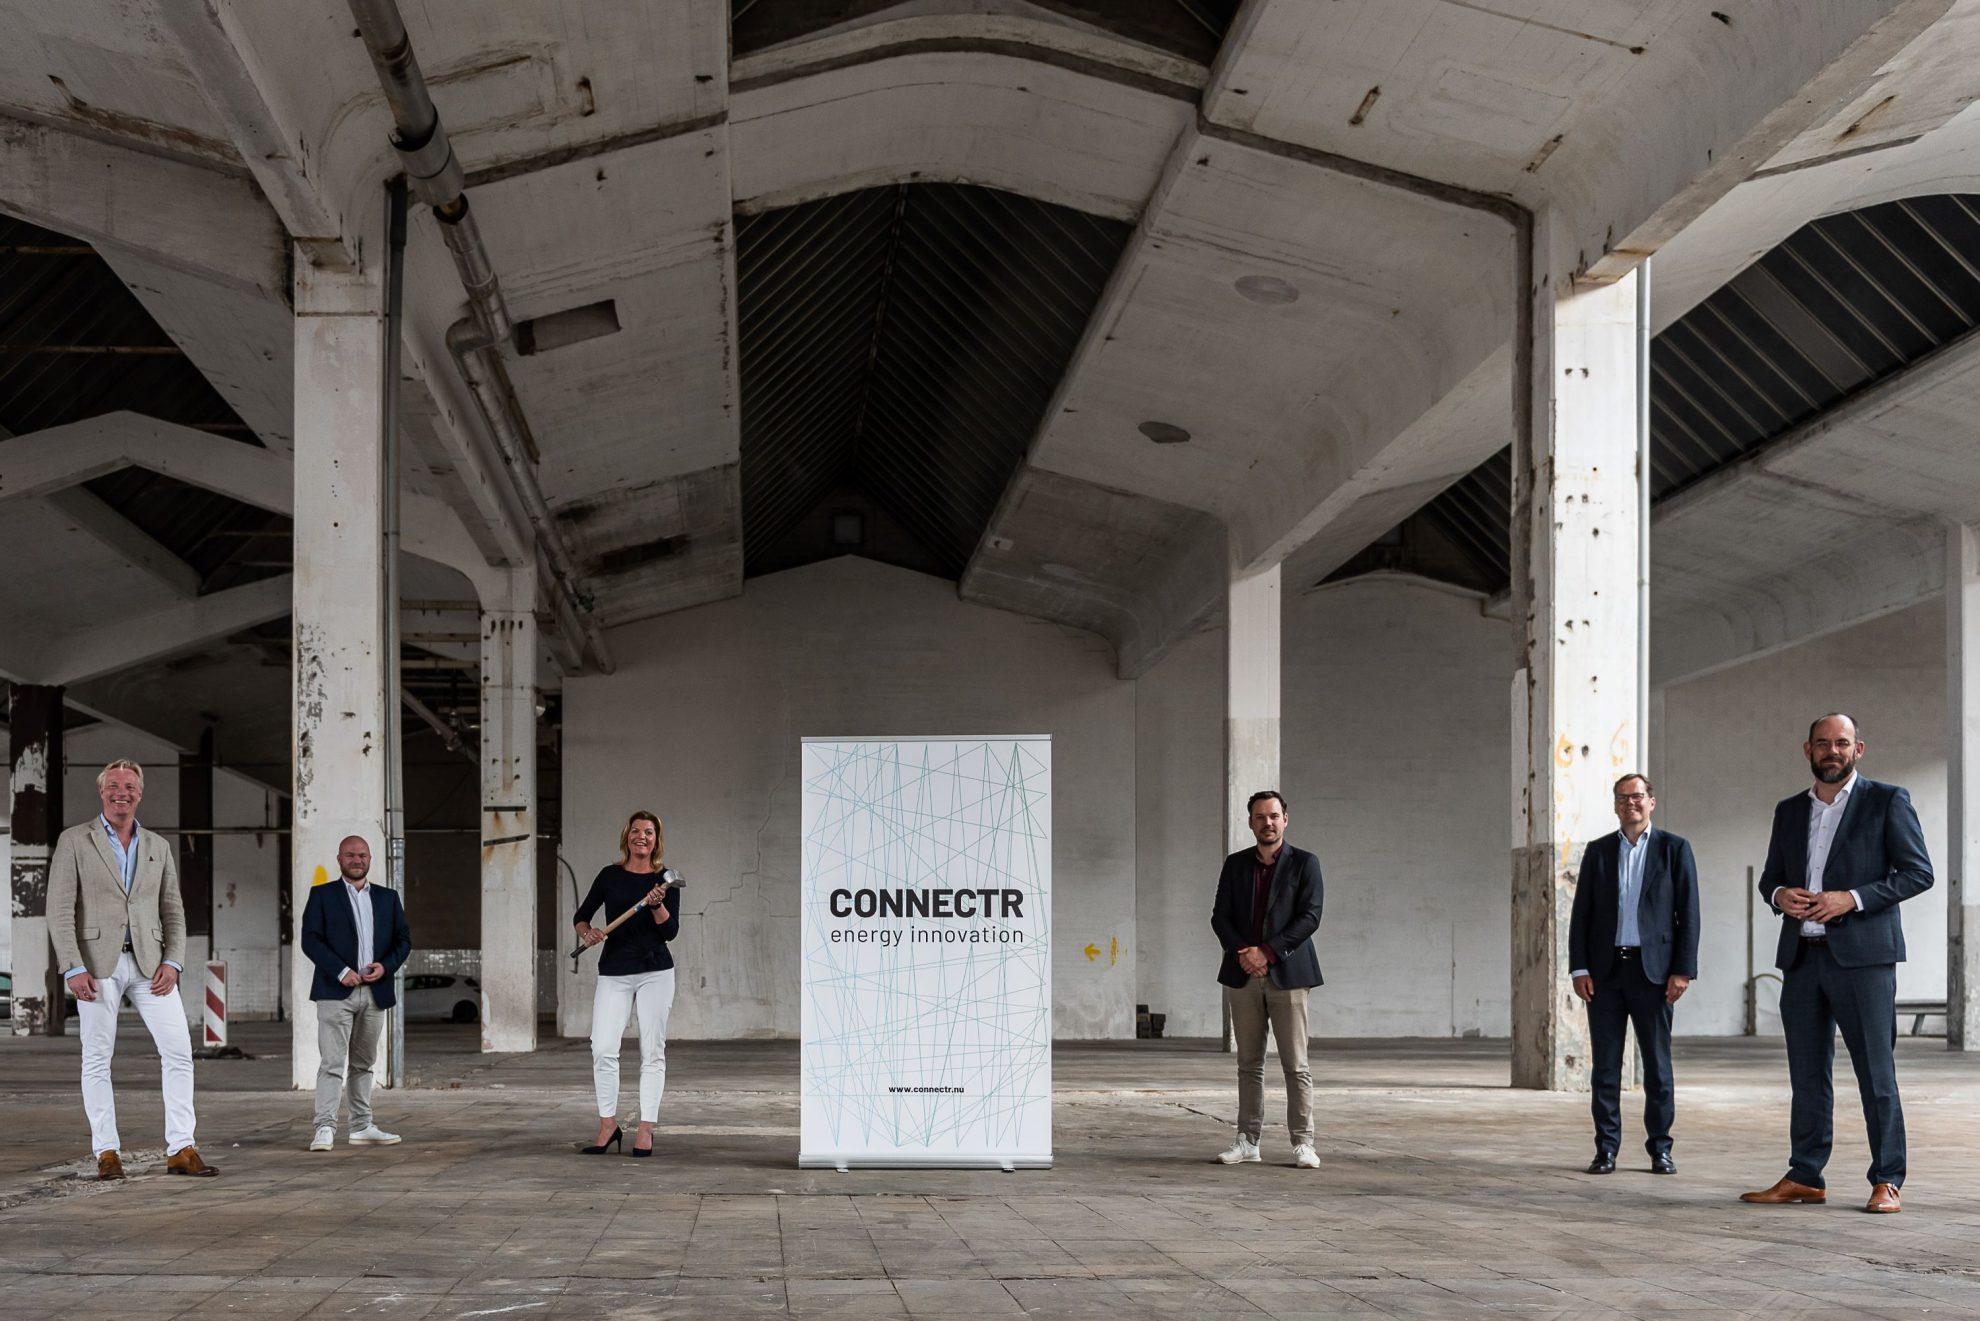 Connectr start met bouw Innovatielab: Bijdrage van 5 miljoen euro voor realisatie energy hotspot